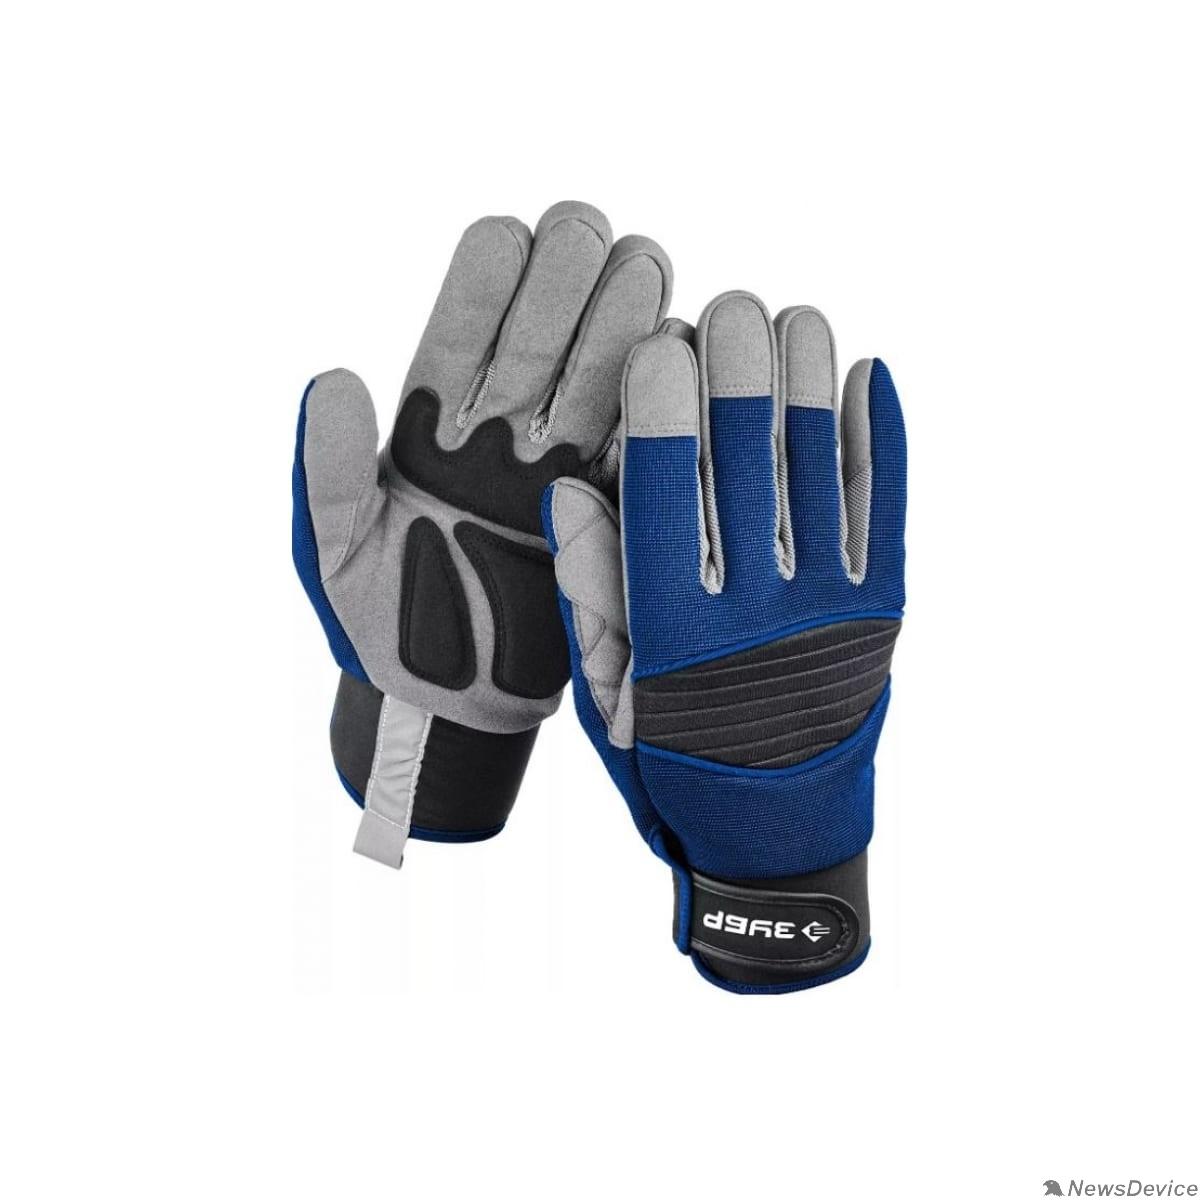 Перчатки ЗУБР МОНТАЖНИК, размер XL, профессиональные комбинированные перчатки для тяжелых механических работ. 11475-XL